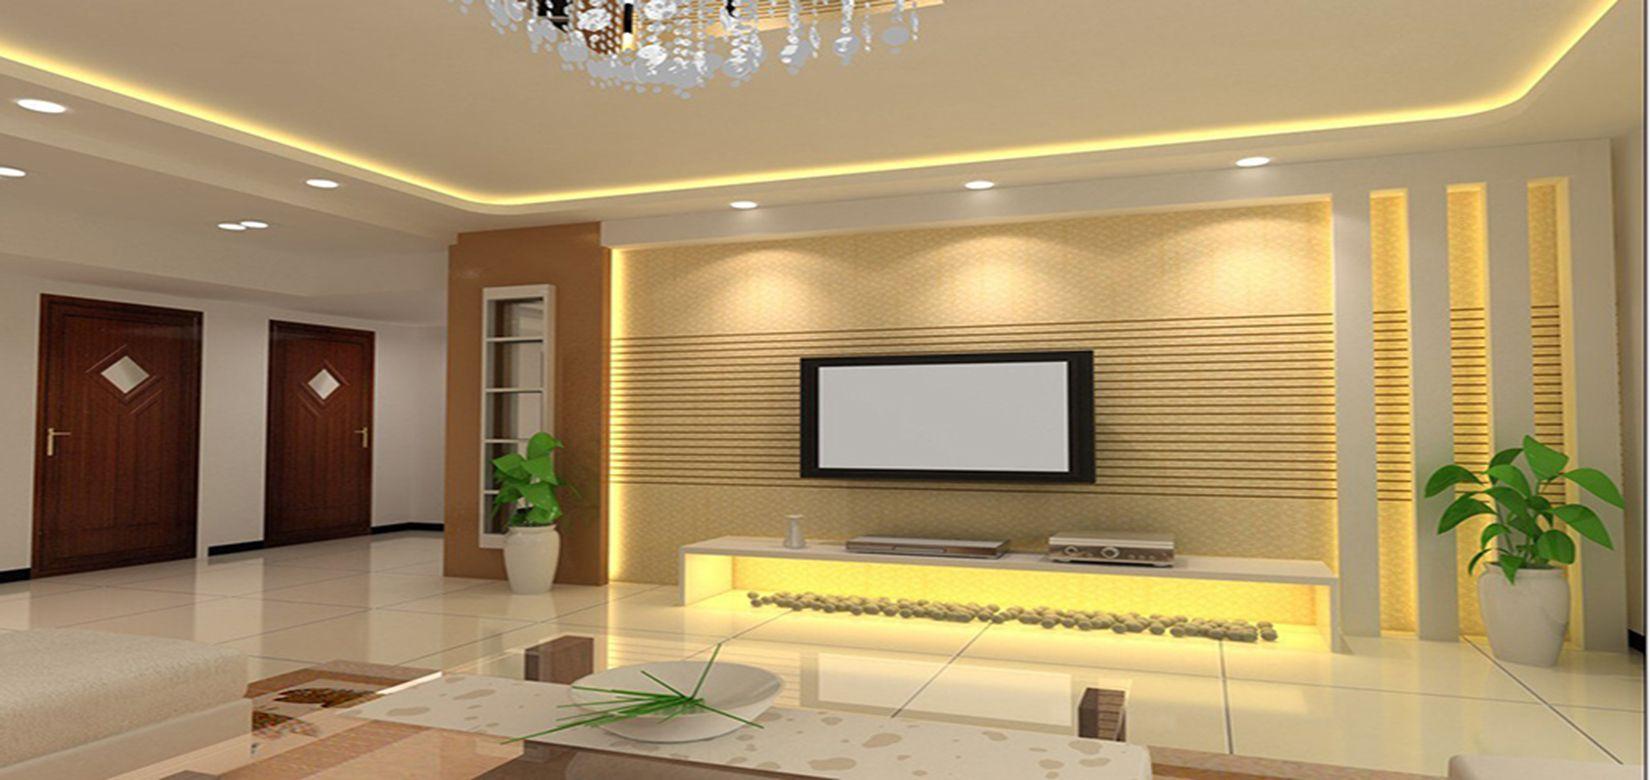 Simple interior #design #livingroom Visit http://www.suomenlvis.fi/